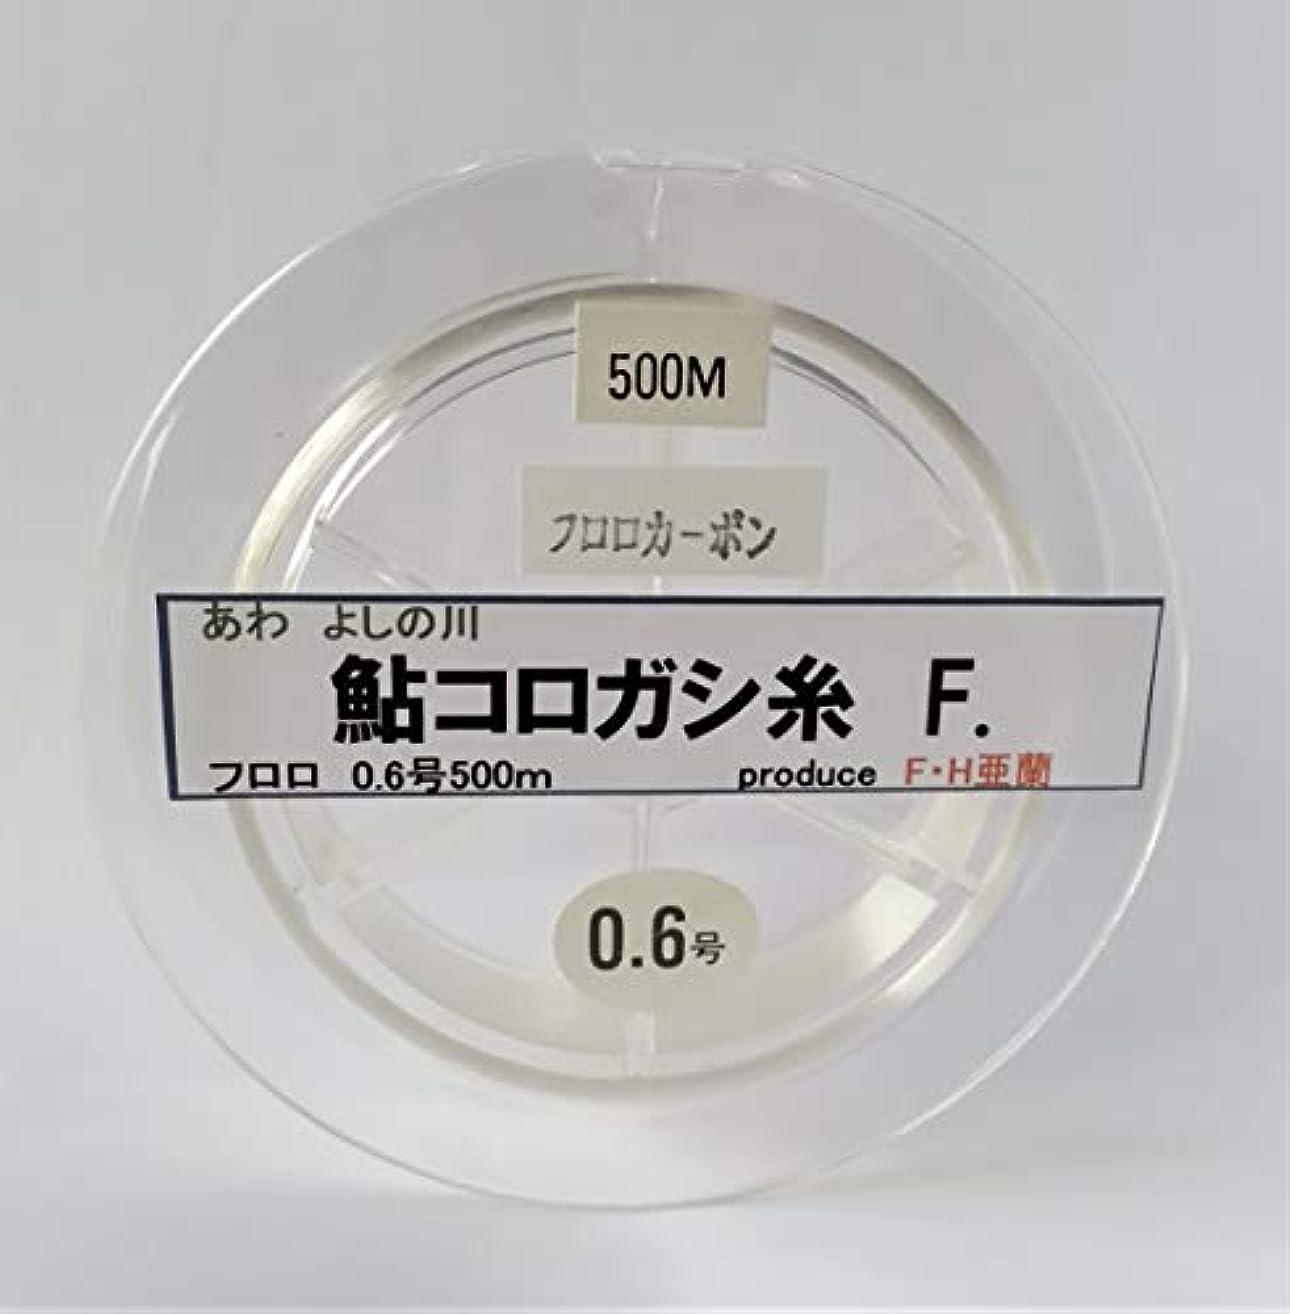 そよ風未就学消化あわ よしの川 鮎コロガシ糸 F.0.6